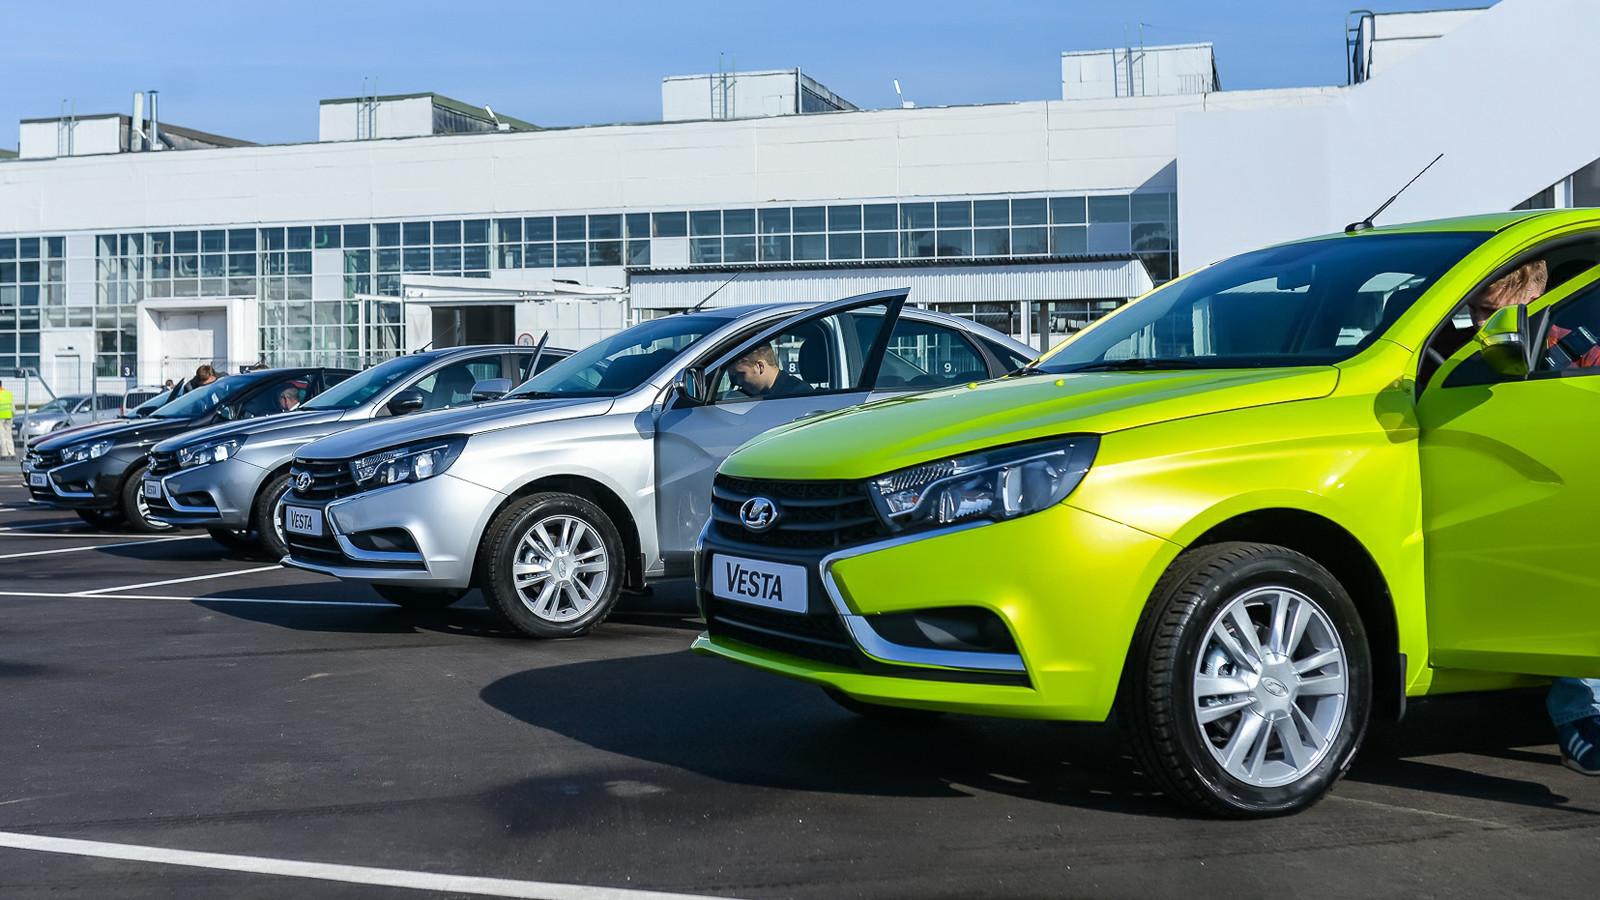 Волжский автомобильный завод собирается реализовать в 2017 300 тыс. авто Лада